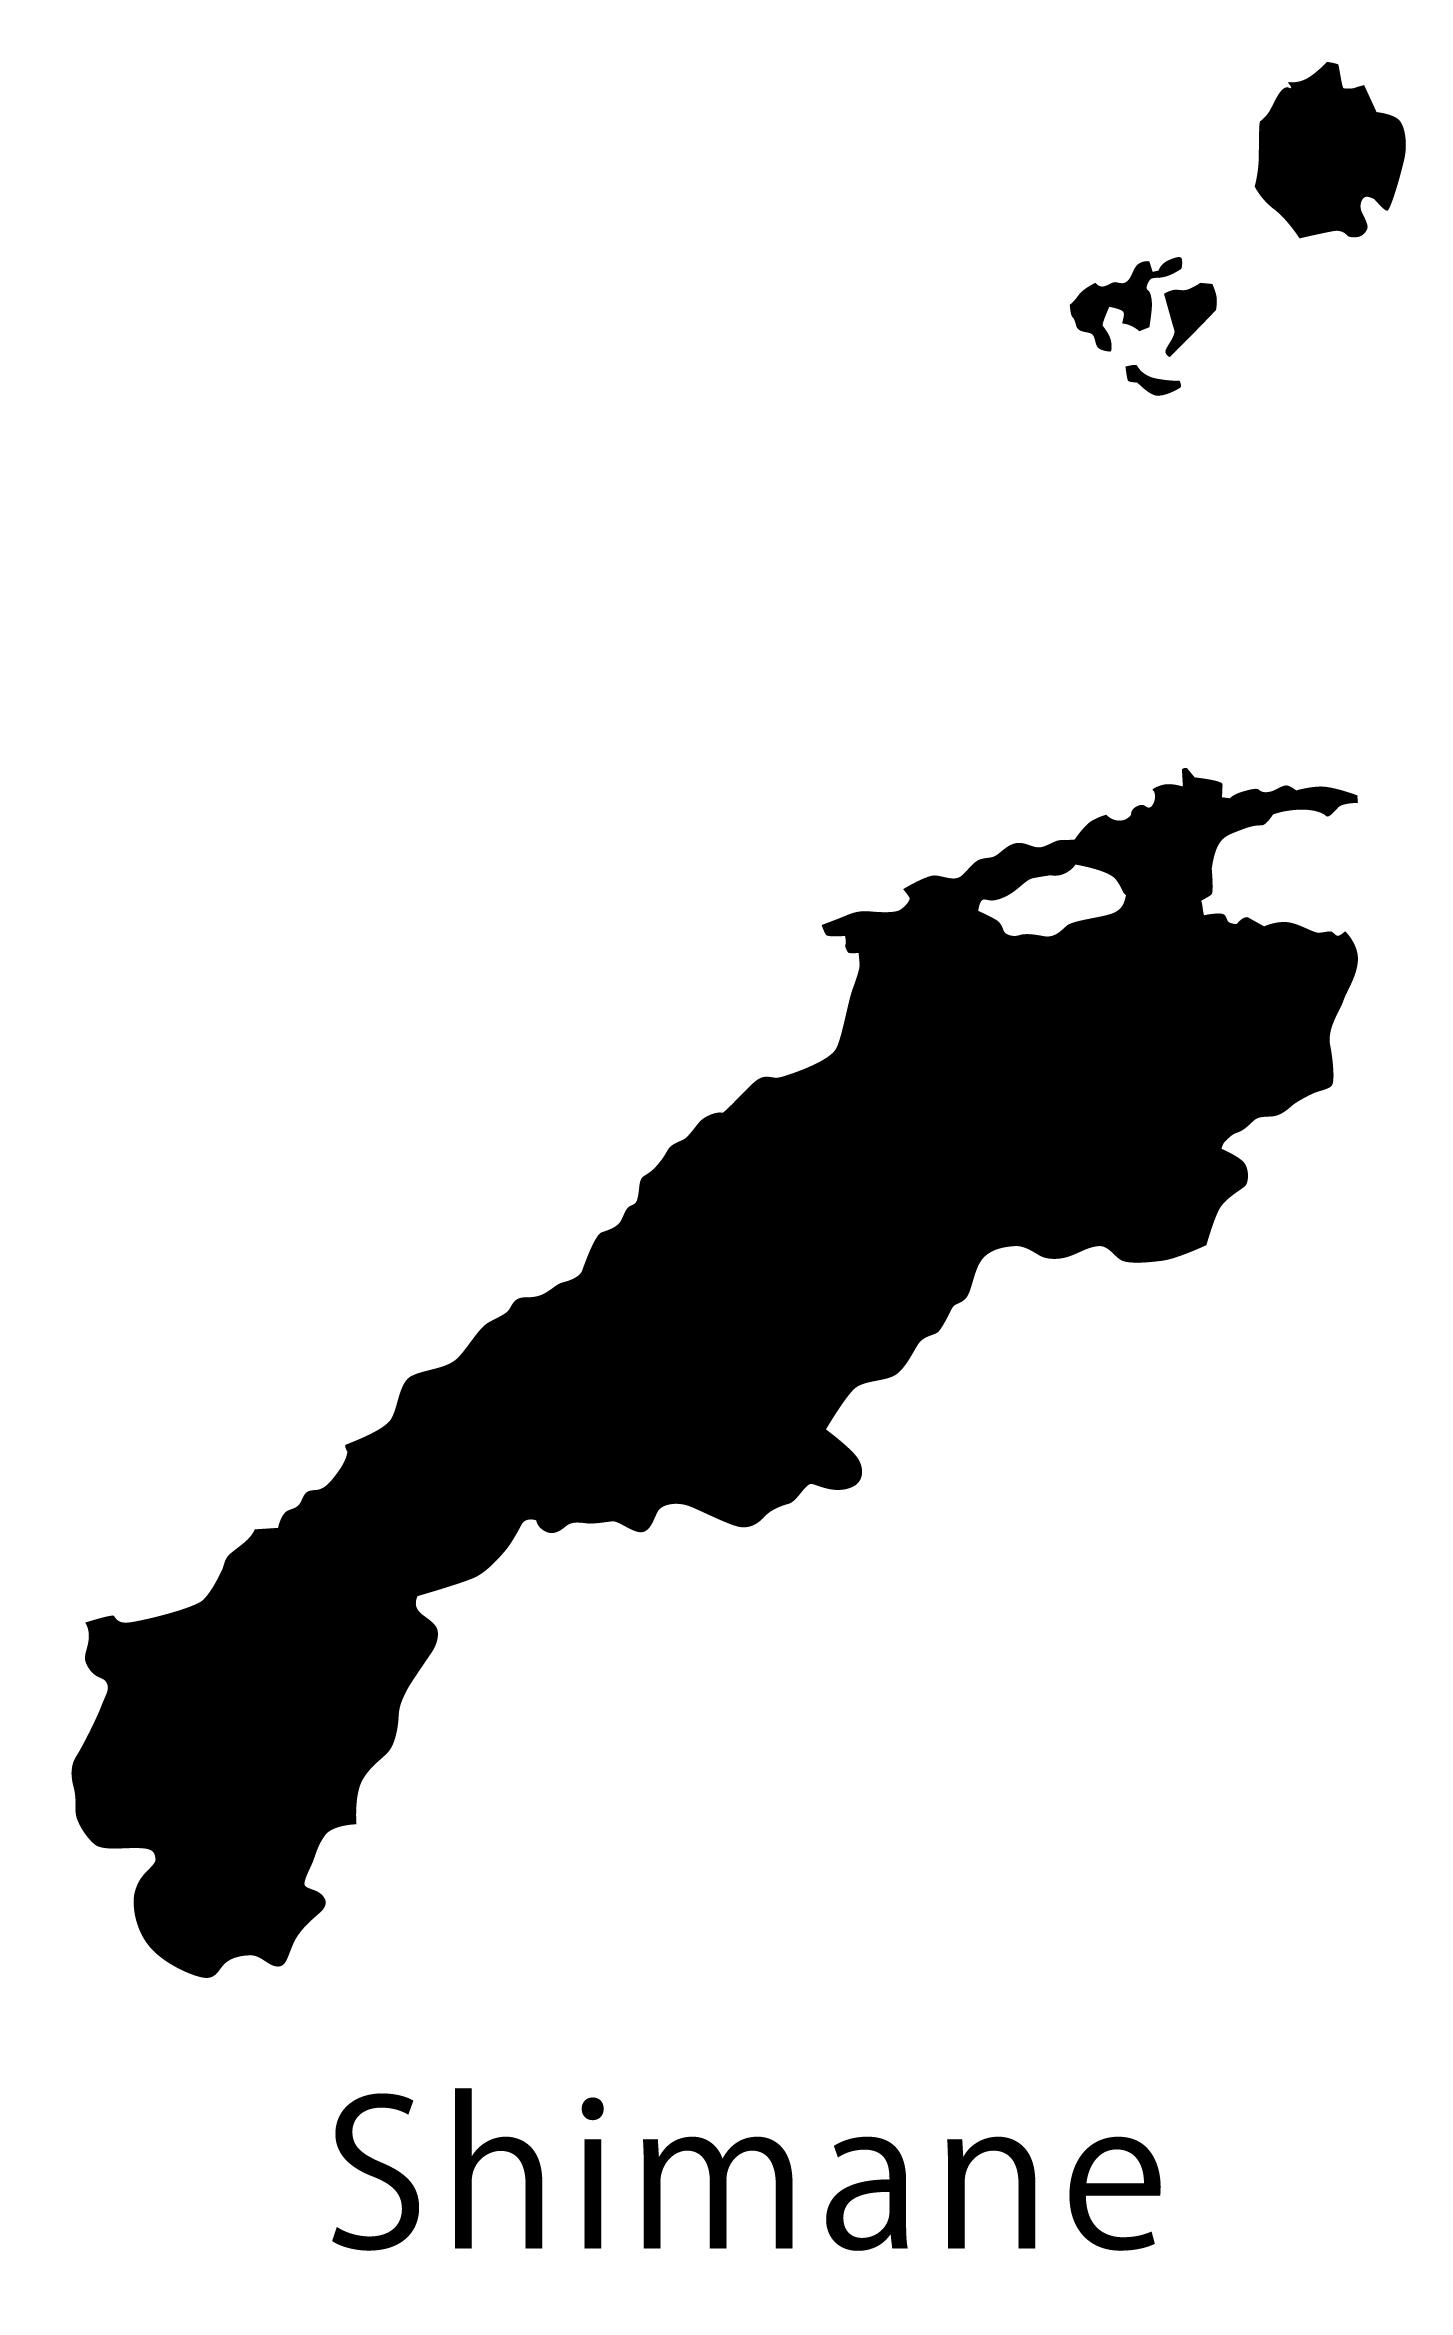 島根県無料フリーイラスト|英語・都道府県名あり(黒)